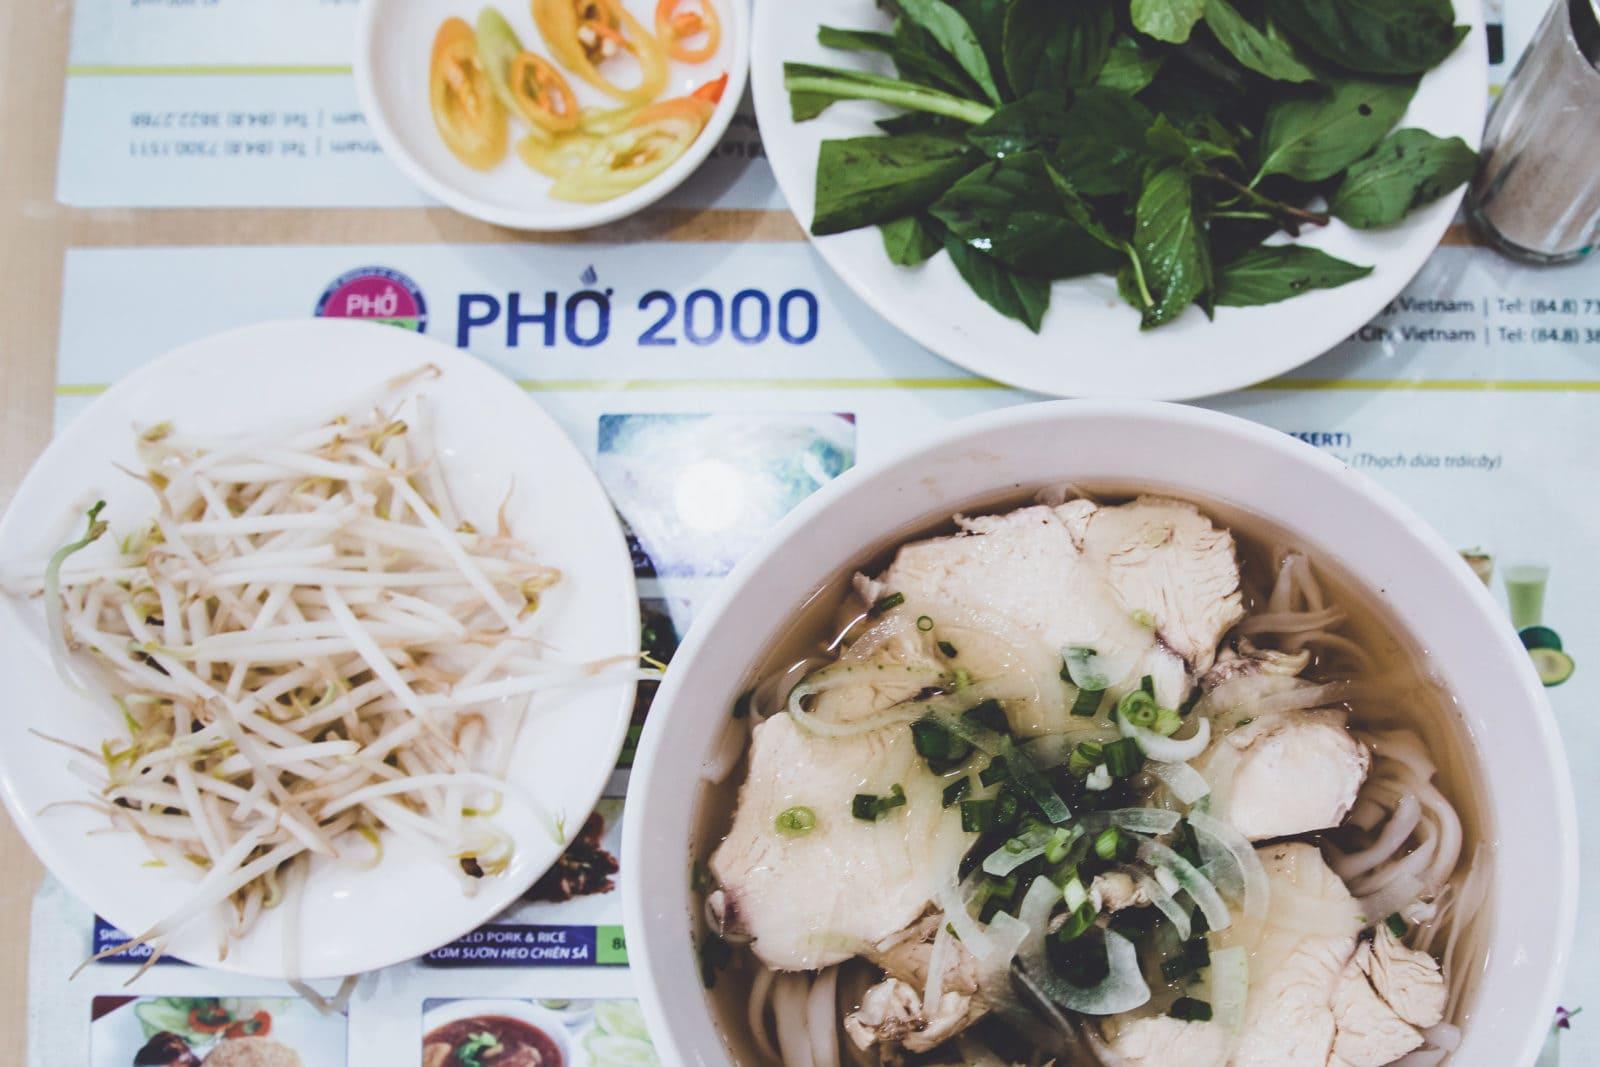 Pho Suppe im Pho 2000, Saigon Ho Chi Minh City